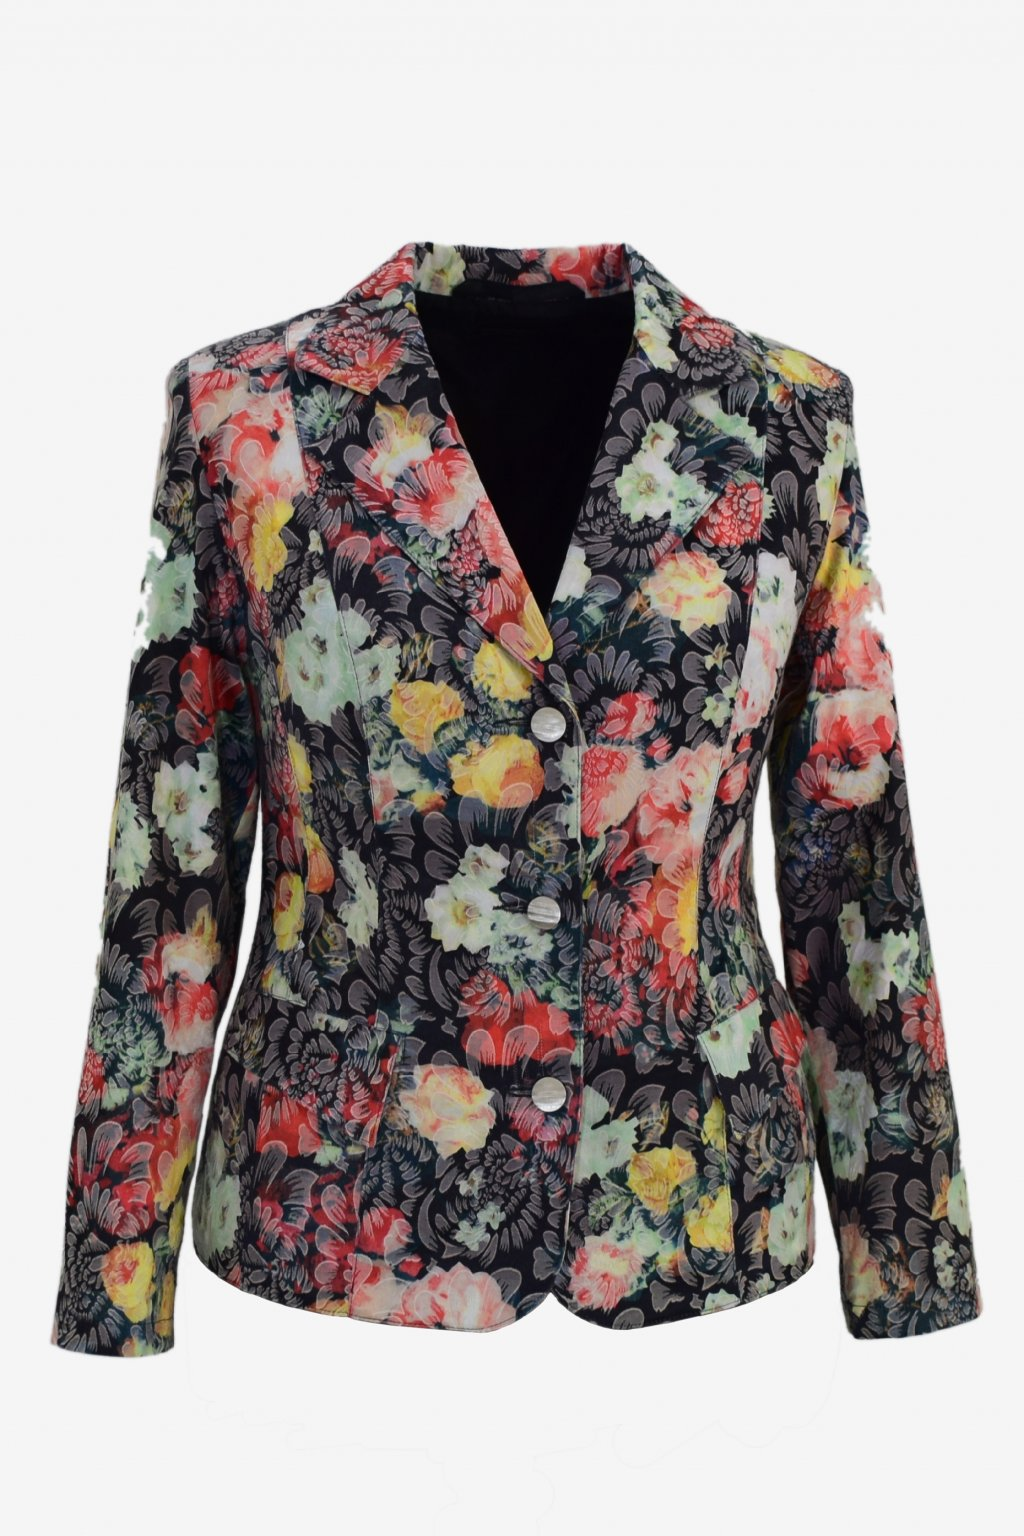 Dámské sako Manon-květinový vzor.